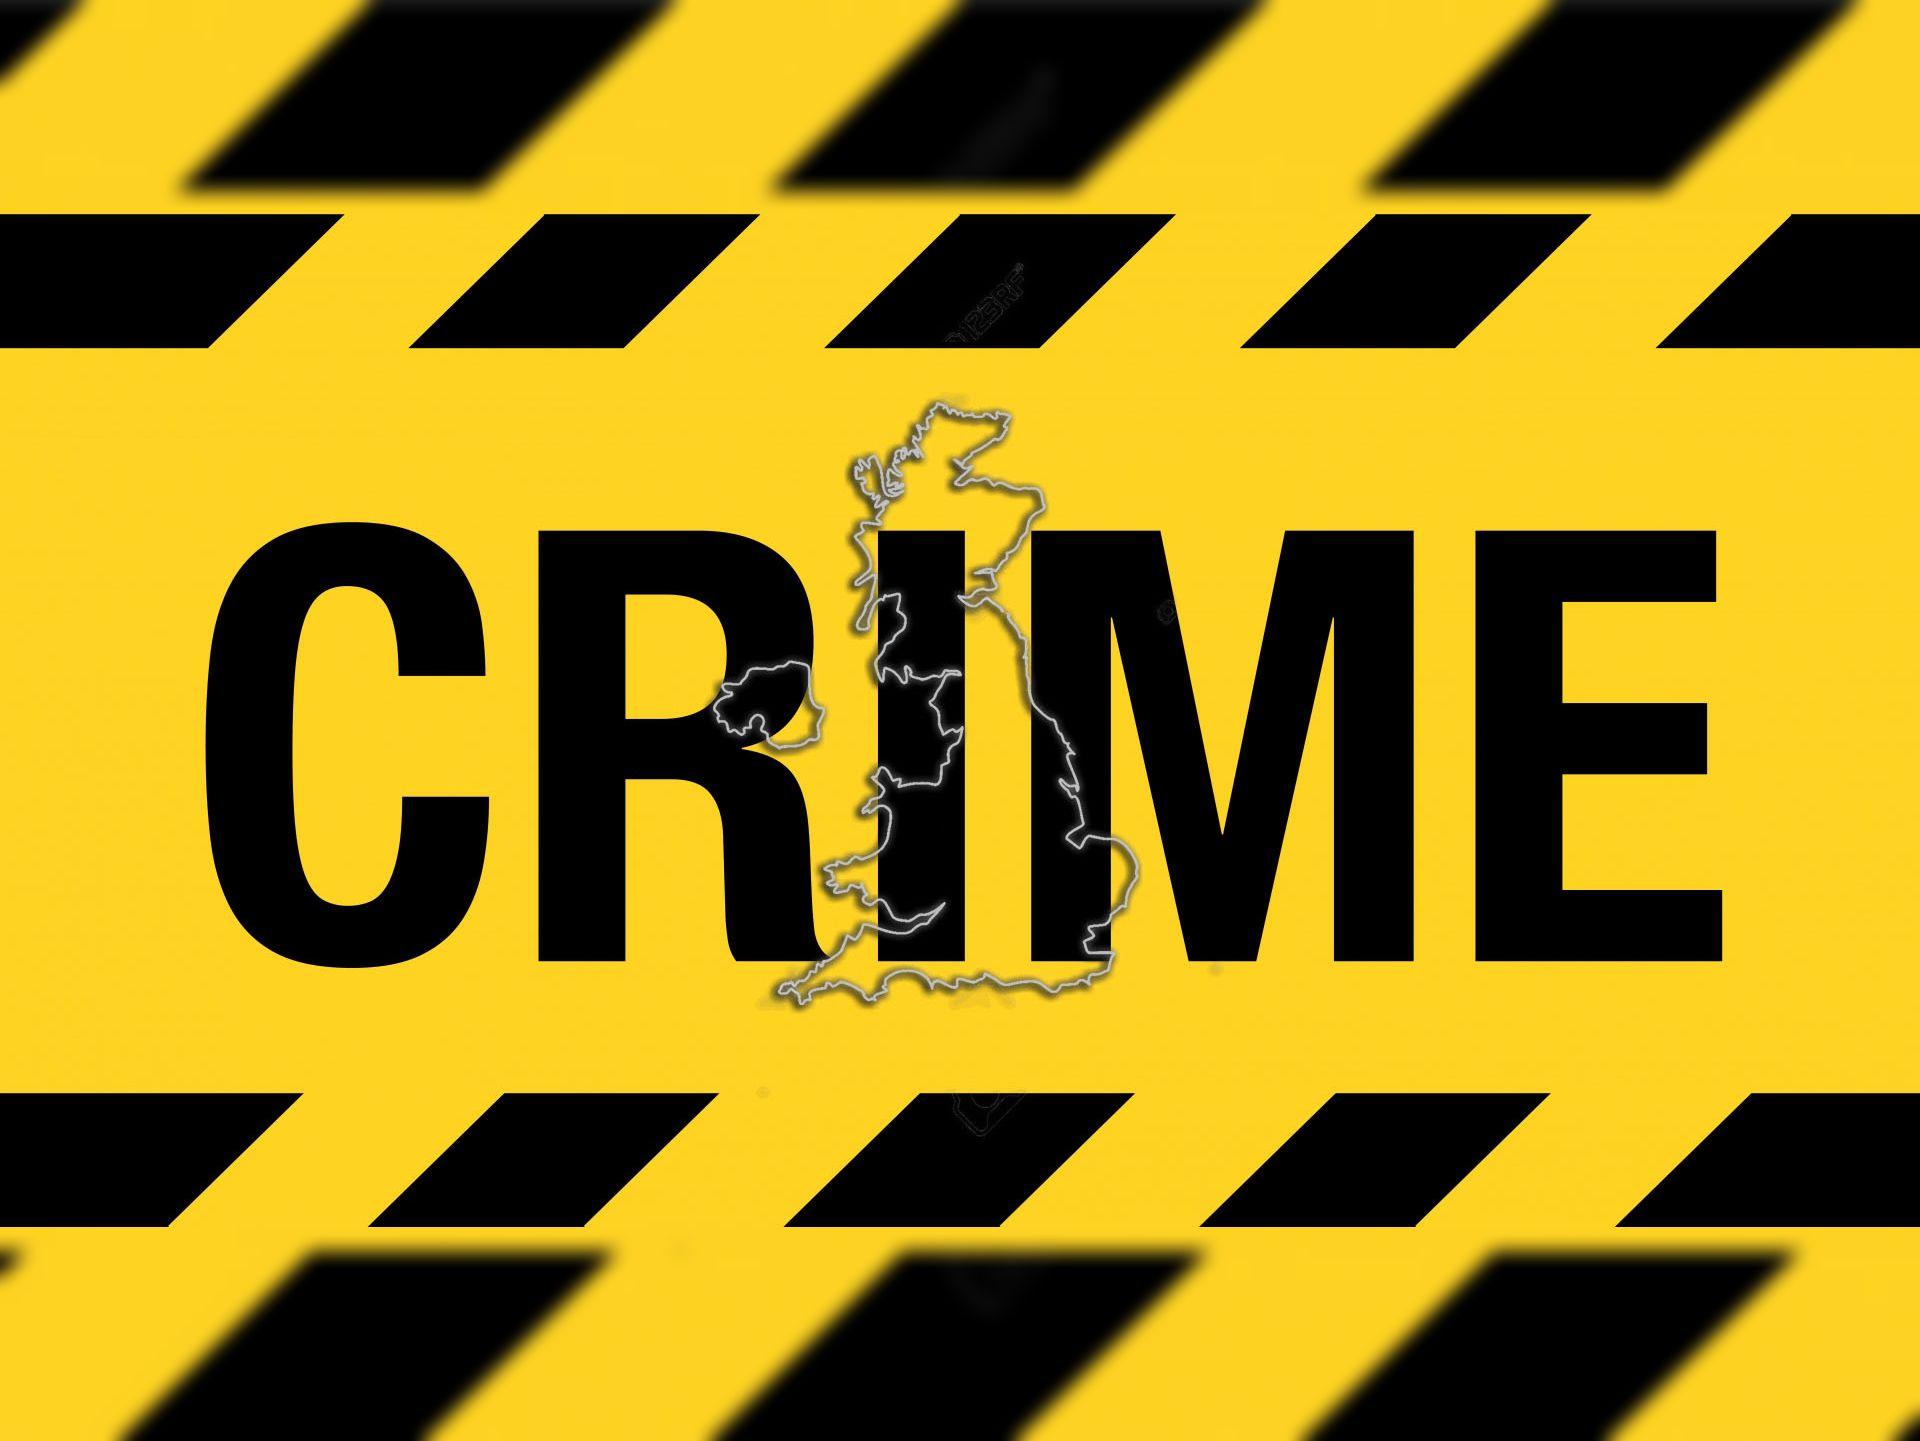 अपराध:कंधा टकराने की बात को लेकर दो वारदात, तीन पर जानलेवा हमला 2